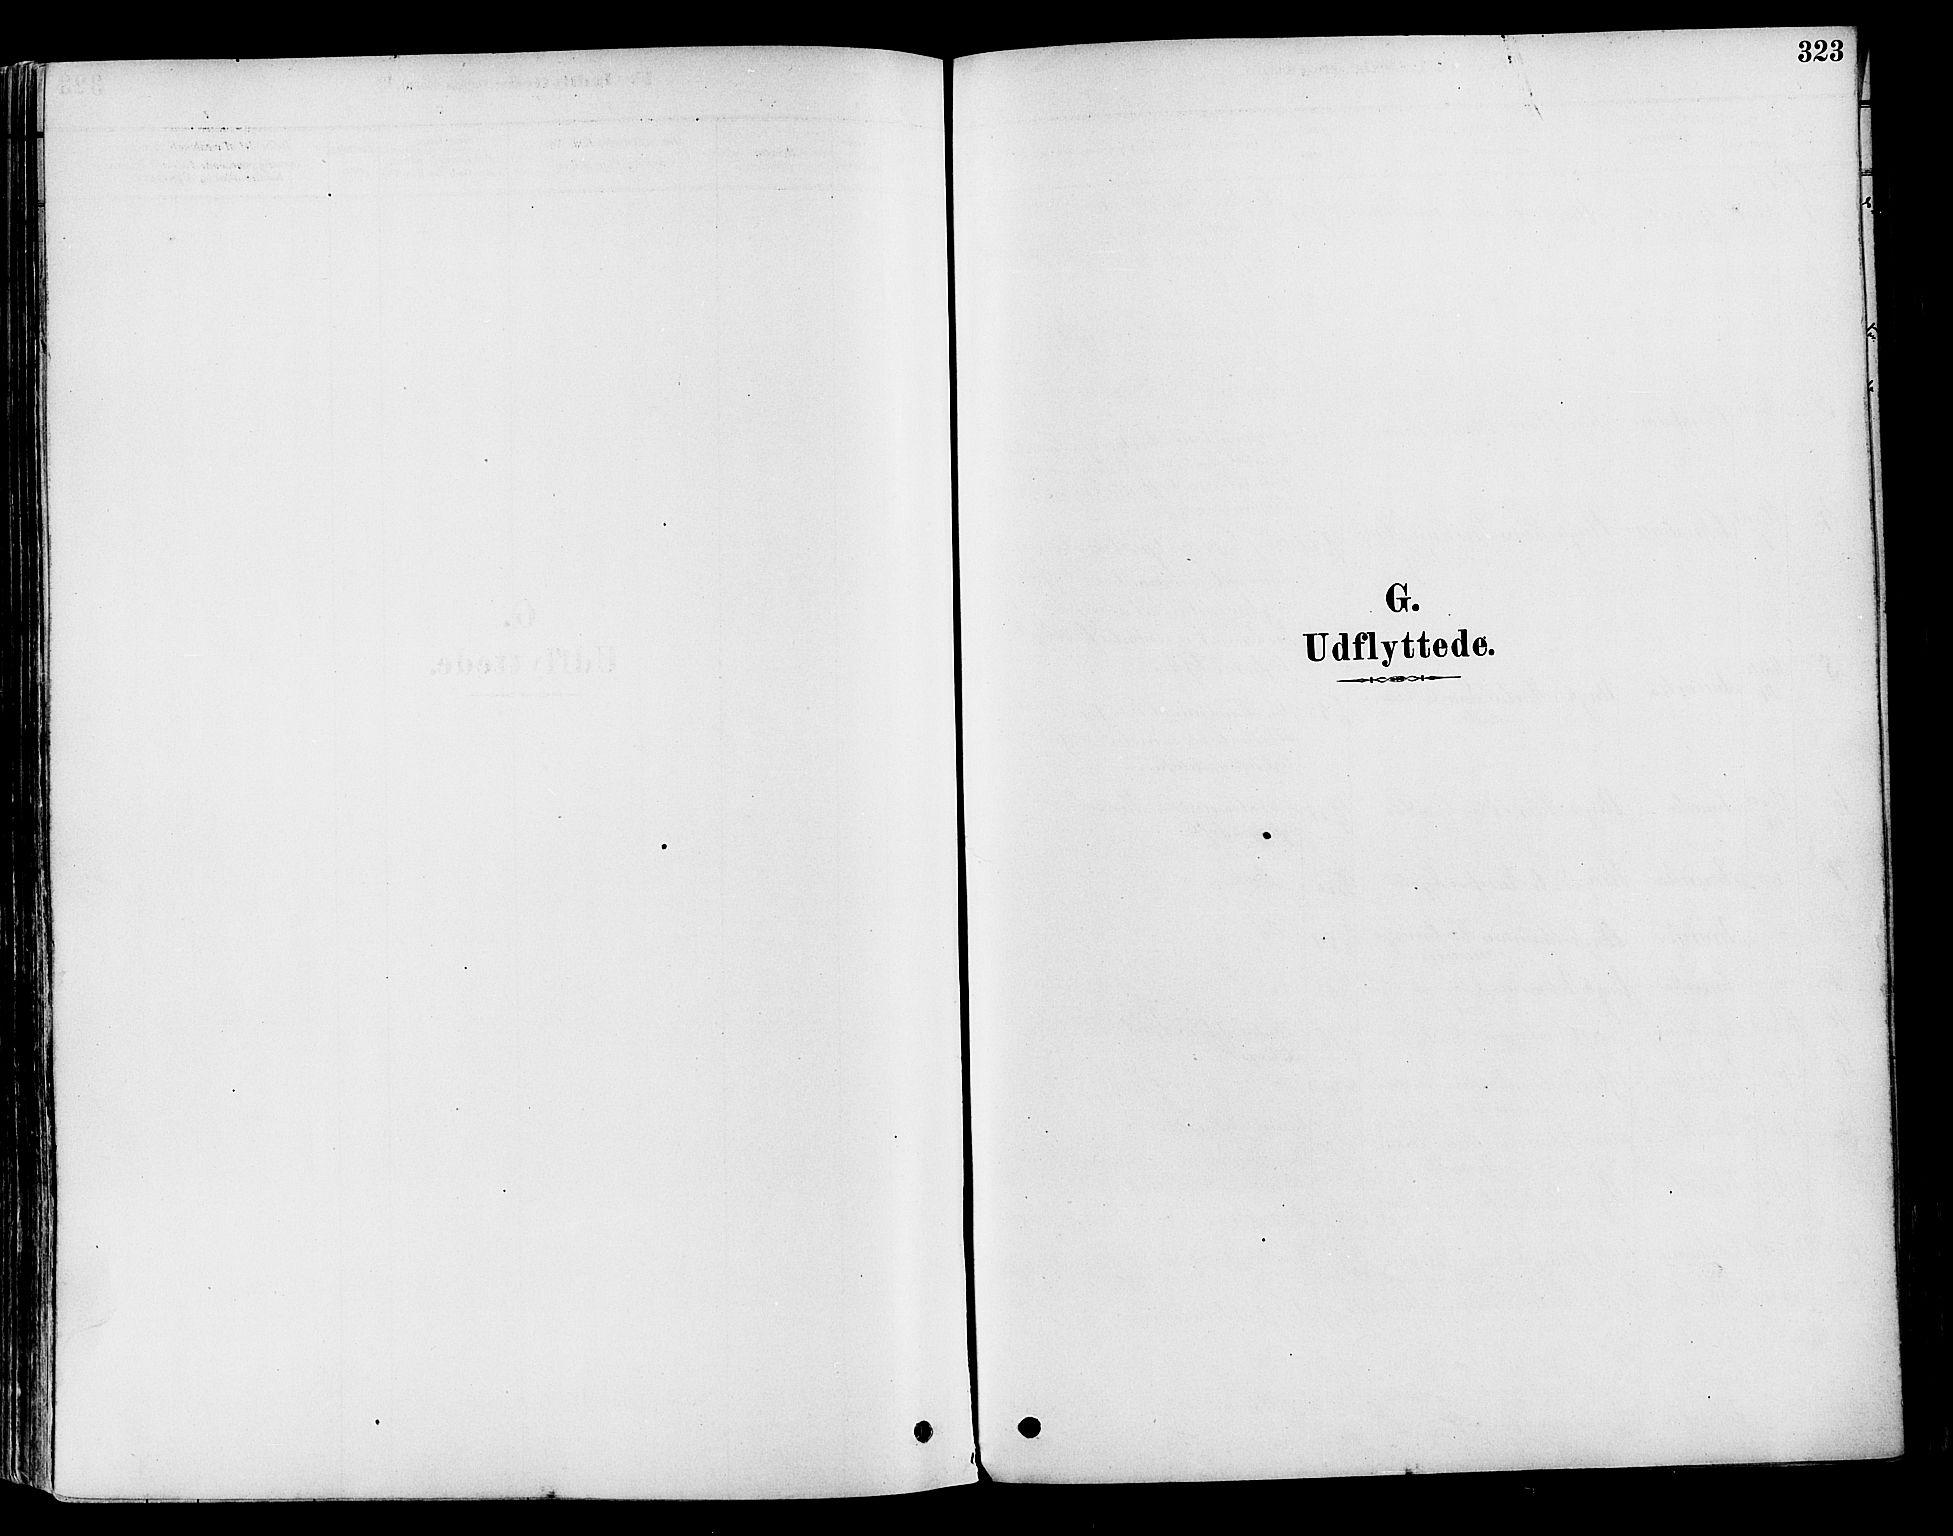 SAH, Vestre Toten prestekontor, Ministerialbok nr. 9, 1878-1894, s. 323